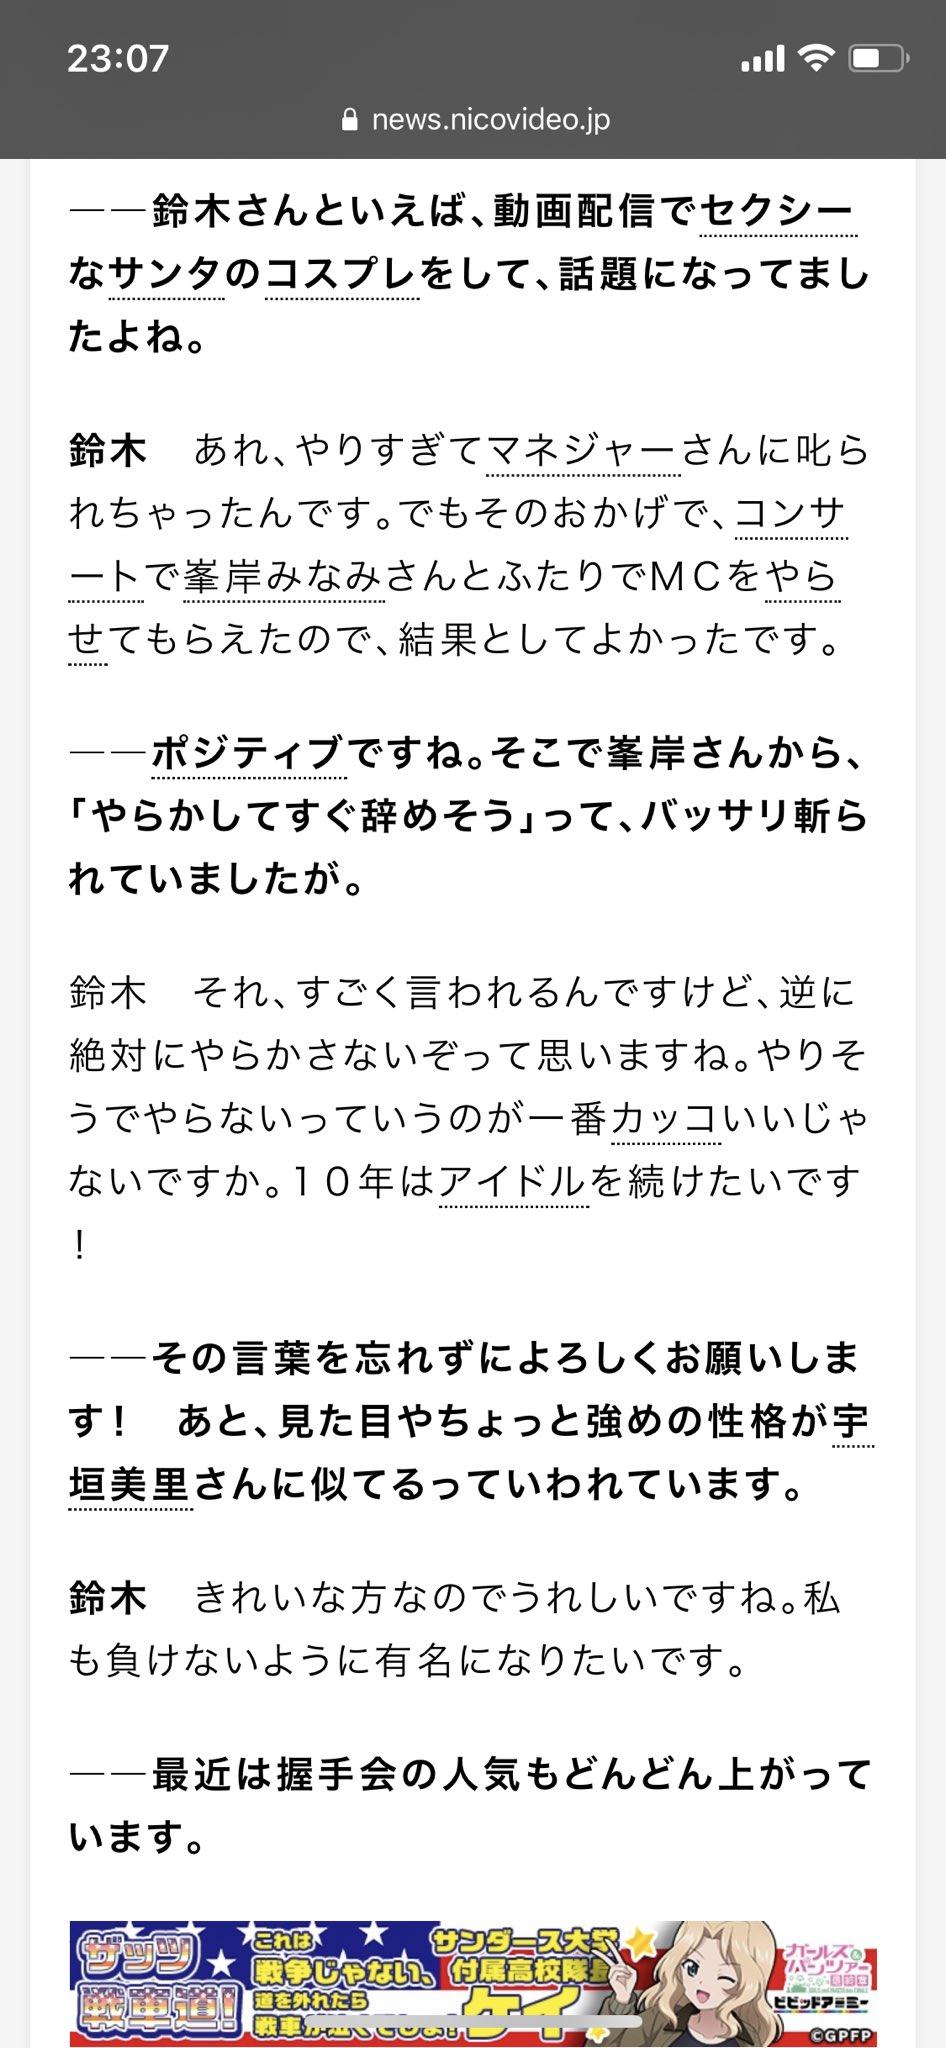 鈴木優香は地下アイドル時代から『やらかし』ていた?